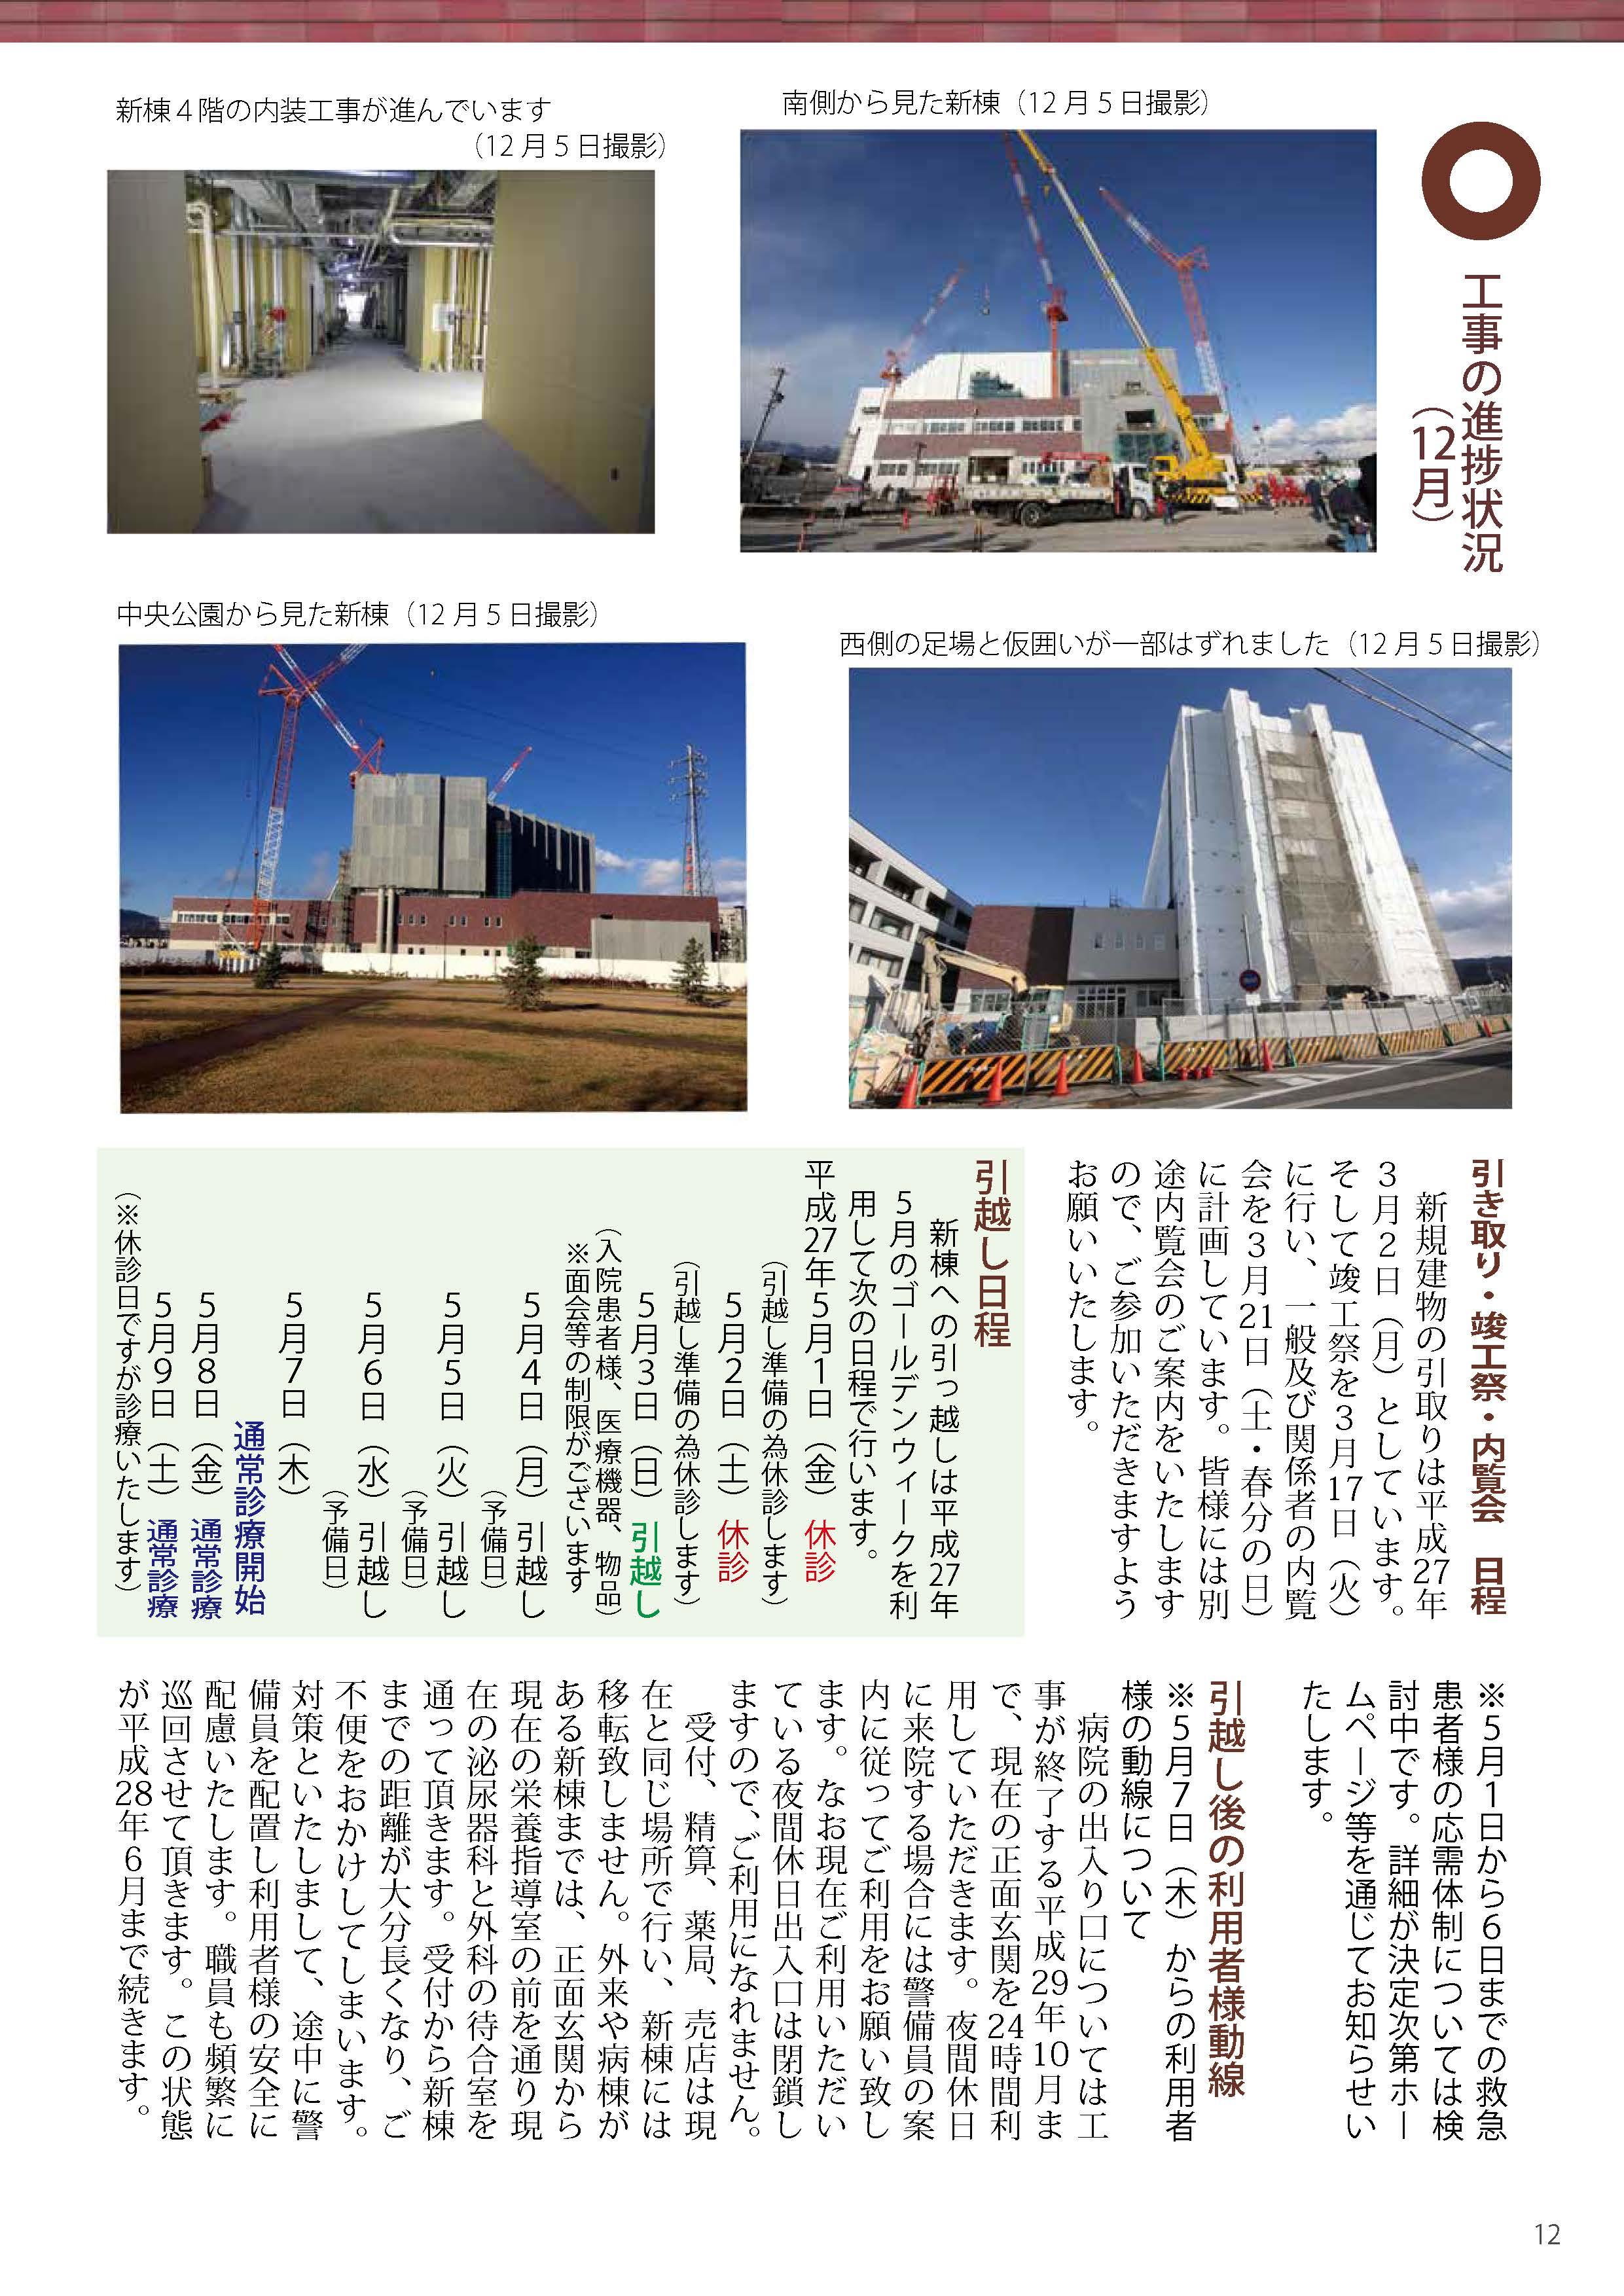 120-11_ページ_3